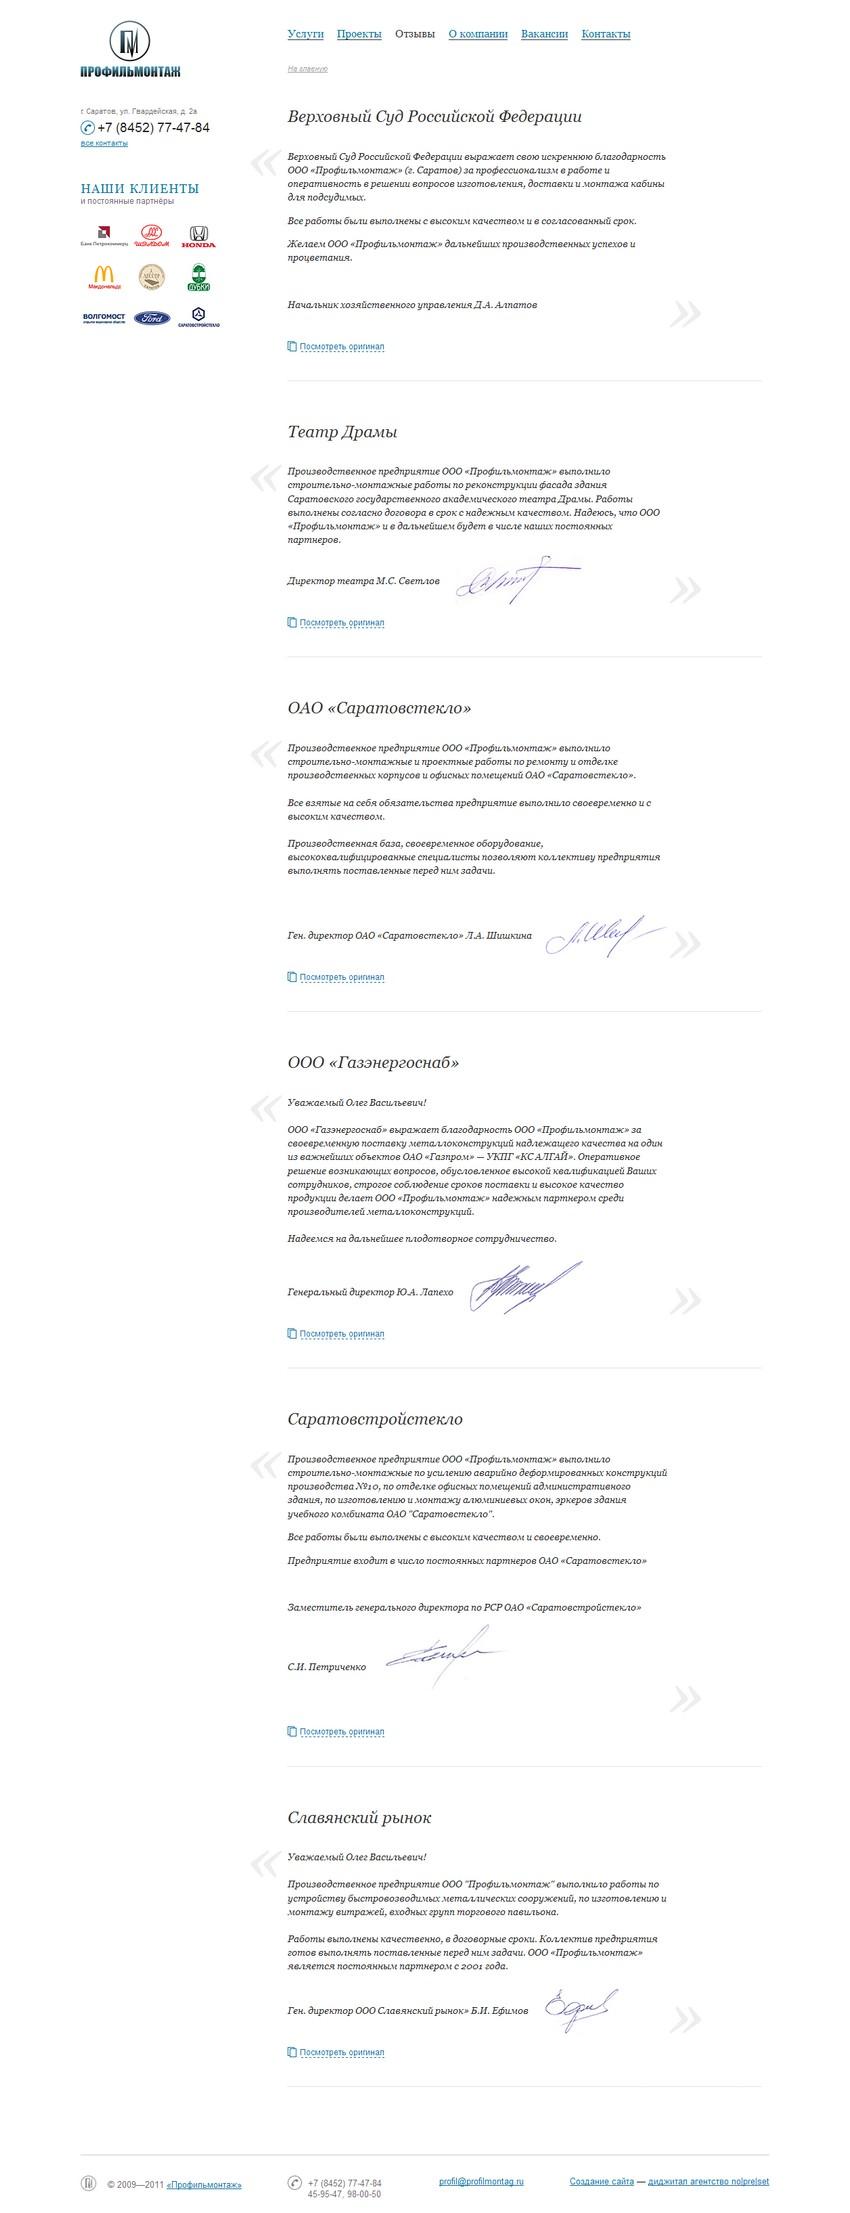 Отзывы — ООО «Профильмонтаж» в Саратове